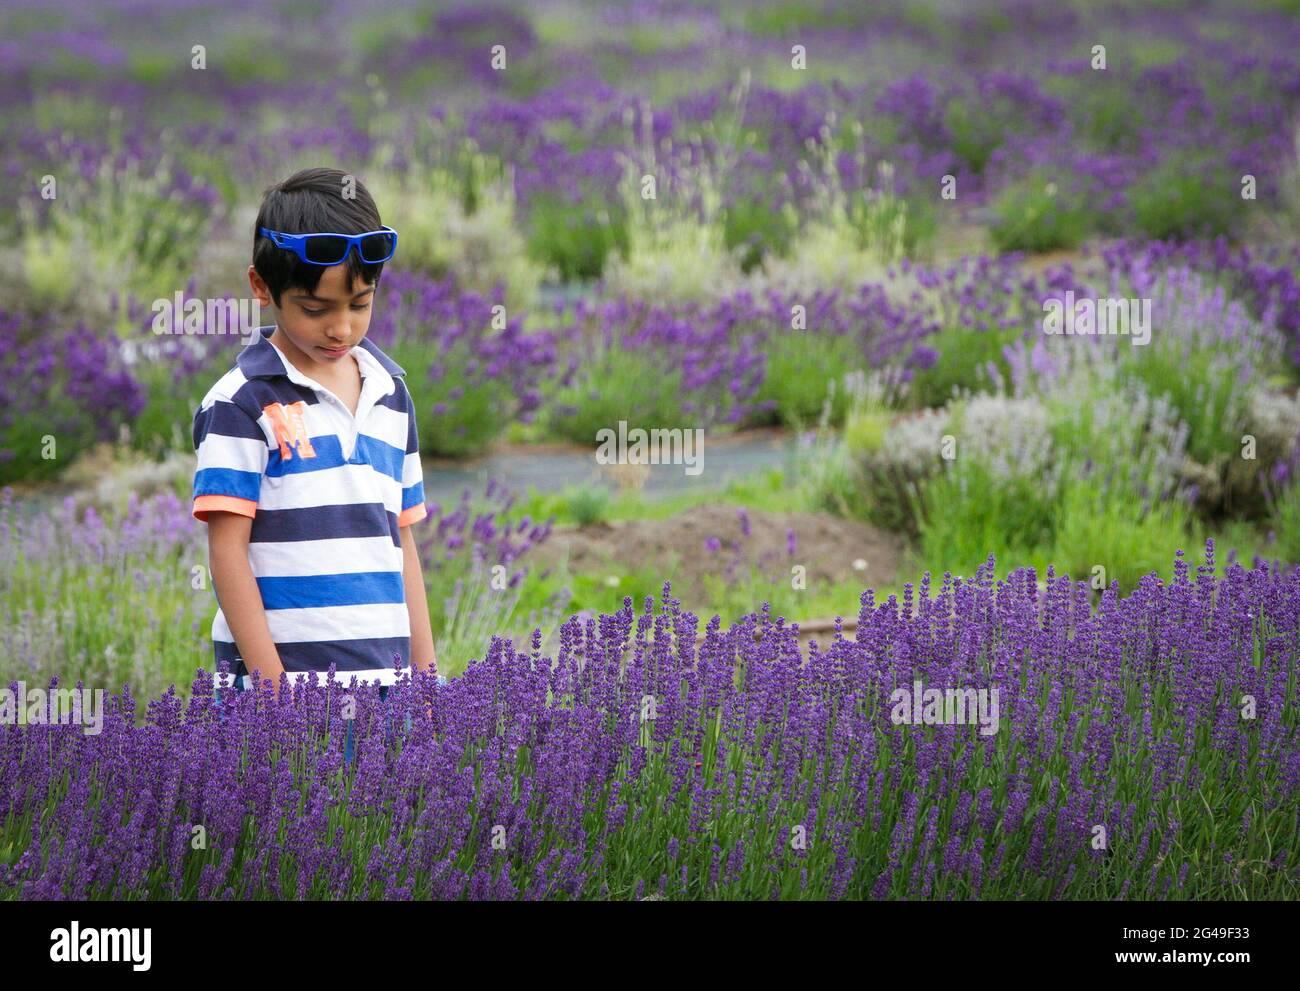 Richmond, Canada. 19 giugno 2021. Un bambino visita una fattoria di lavanda a Richmond, British Columbia, Canada, 19 giugno 2021. Credit: Liang Sen/Xinhua/Alamy Live News Foto Stock